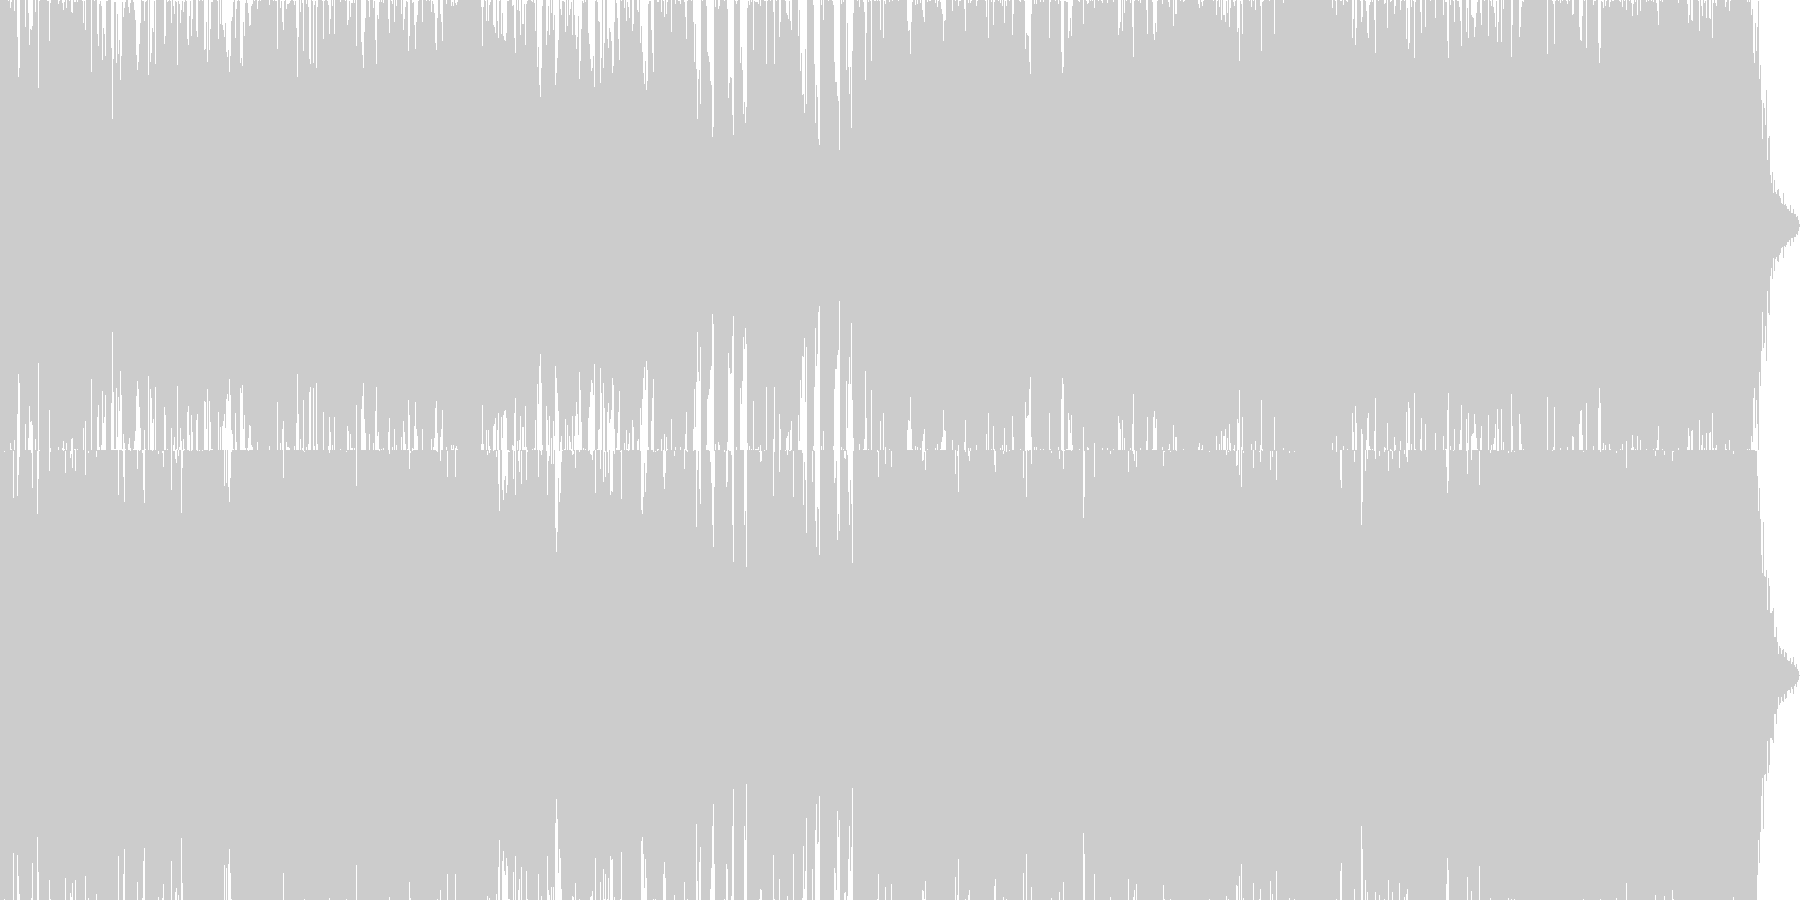 映画・ゲーム用バトルBGM7の未再生の波形